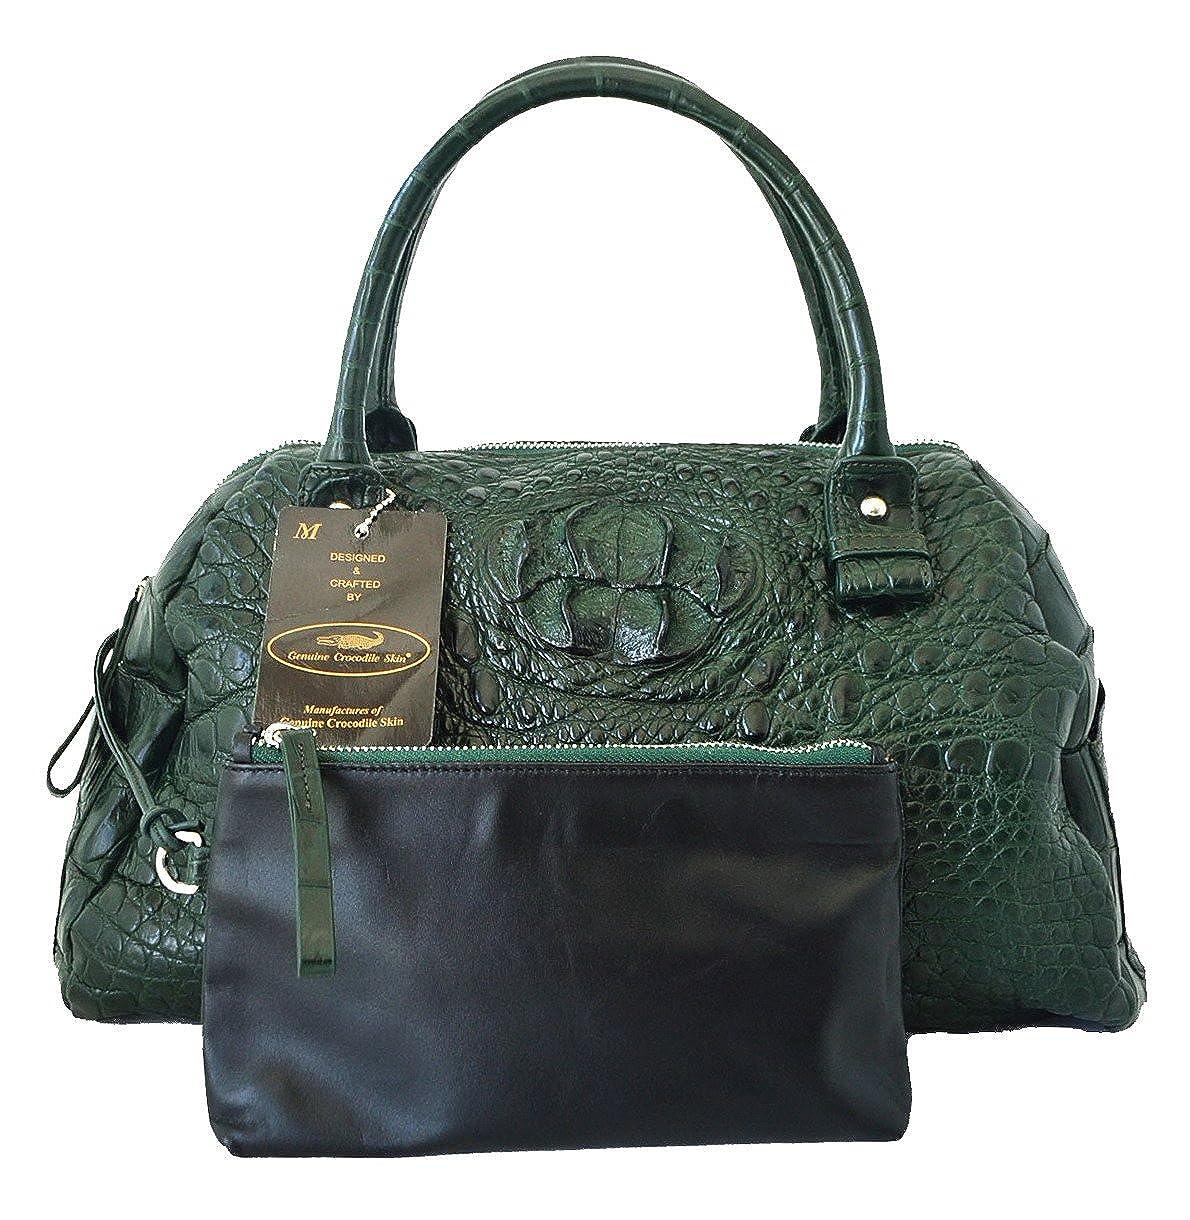 Authentic MクロコダイルスキンレディースバッグパースホーボーW /財布ソフトタッチハンドバッグ B071RYGYBN Shiny Dark Green